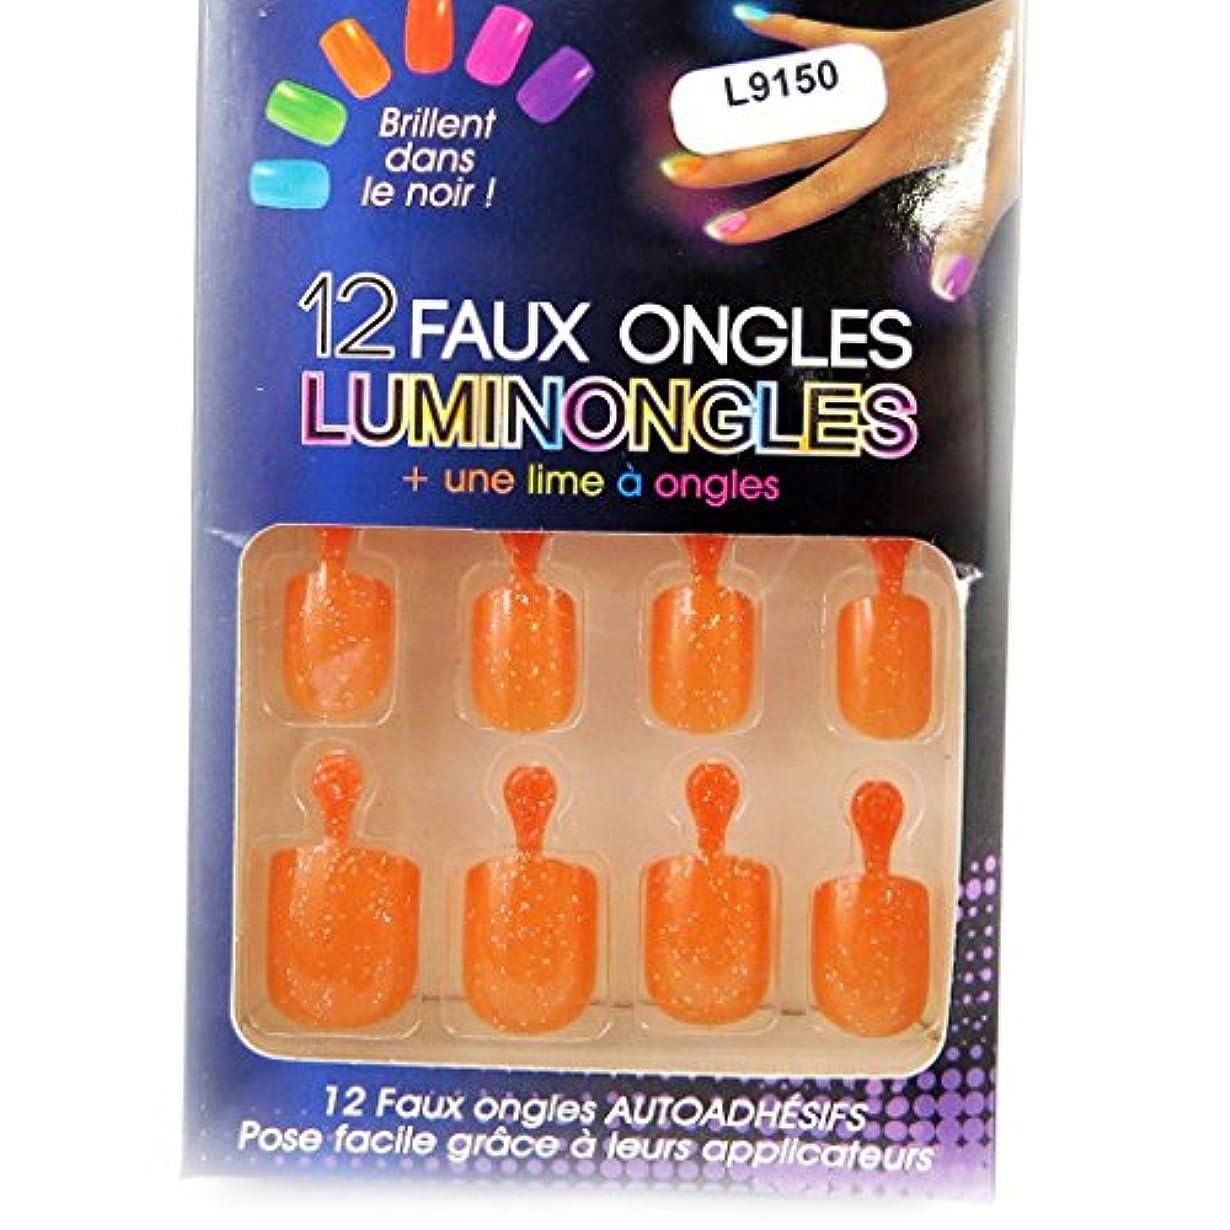 価格沈黙粉砕する[リリーの宝 (Les Tresors De Lily)] (Luminongles コレクション) [L9150] アクリルスカルプチュア オレンジ